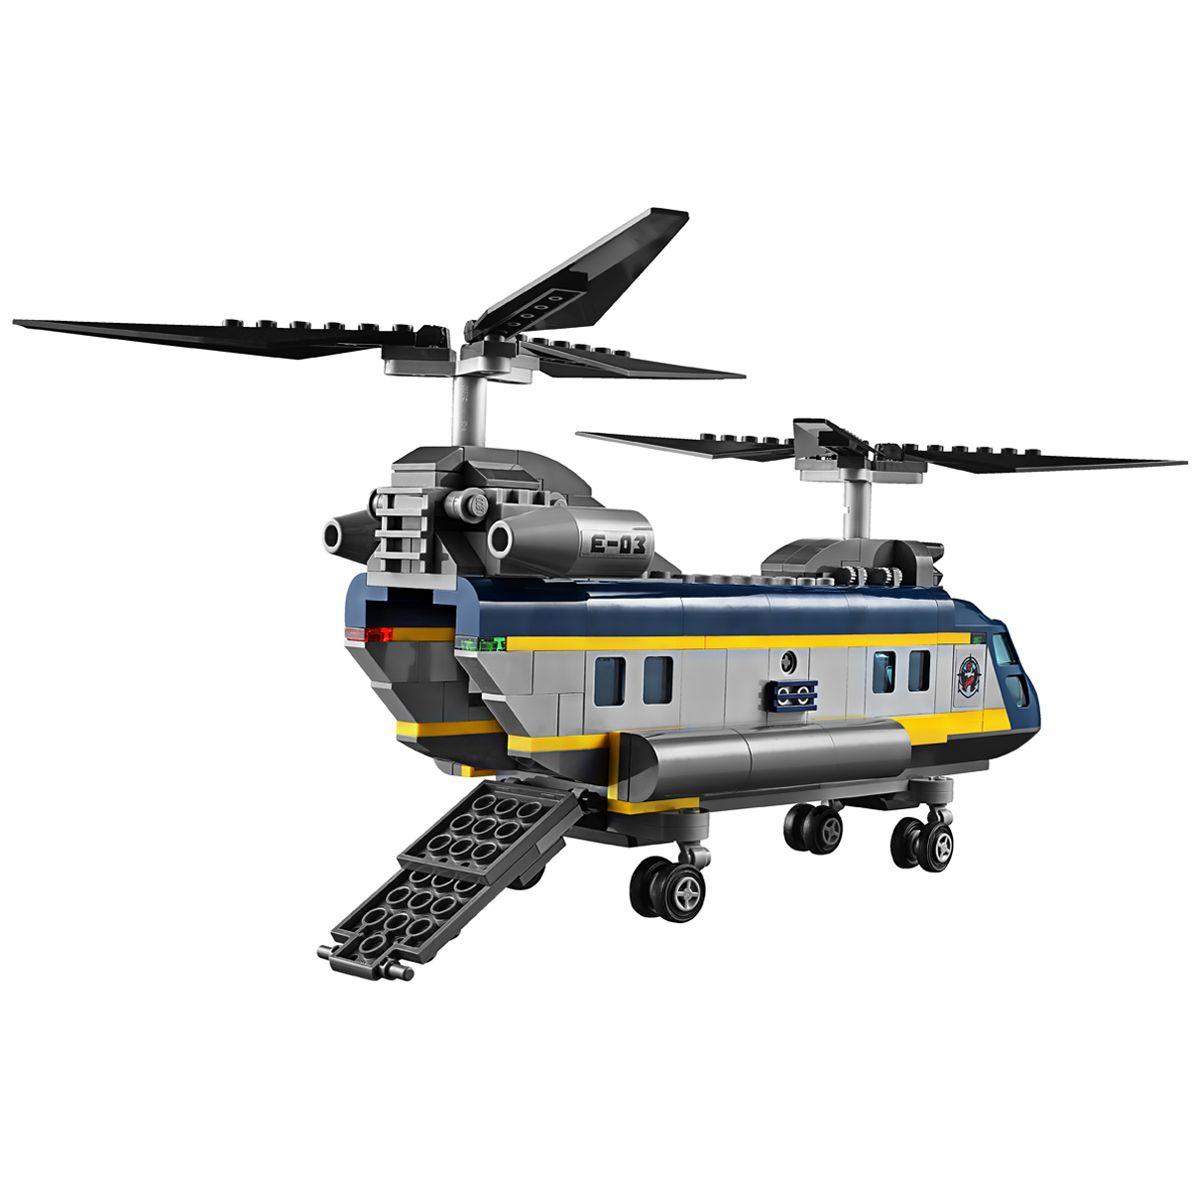 60093 PolicePompiers Lego De Mer Haute City Et L'hélicoptère nwk08OPX